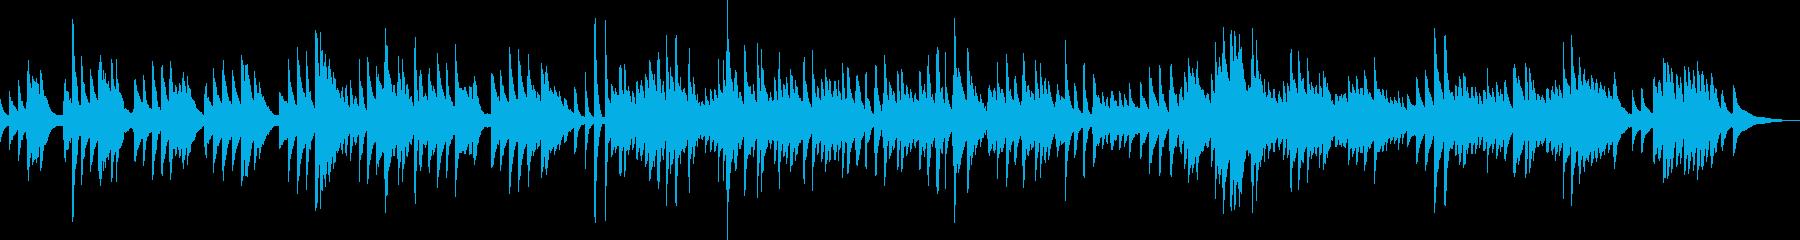 悲しい思い出(ピアノソロ・切ない)の再生済みの波形